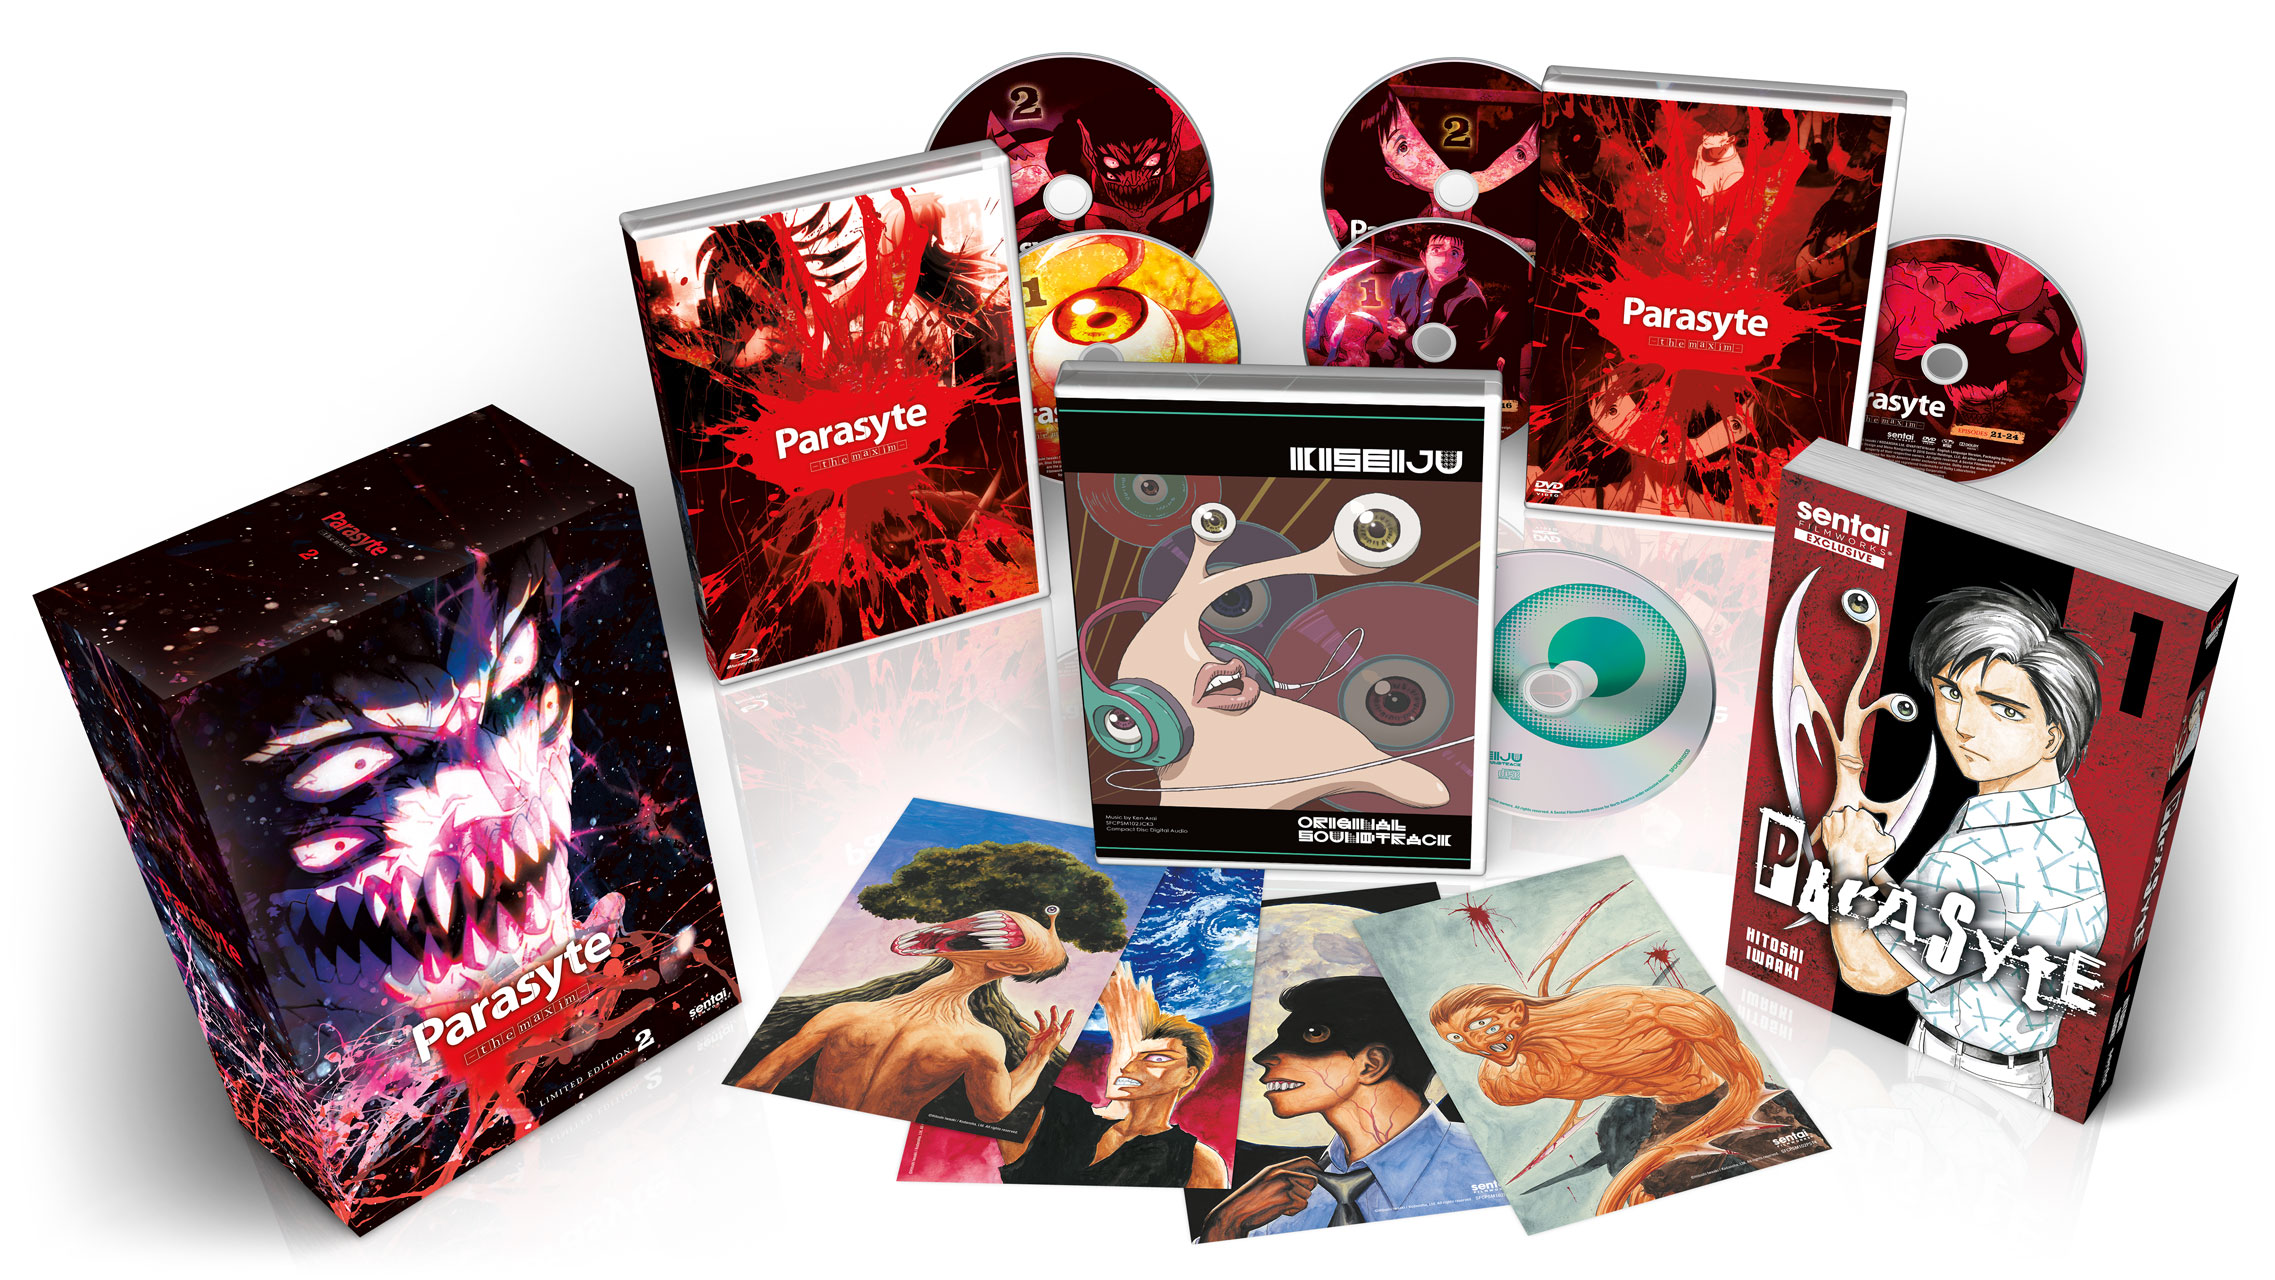 The right stuff dvd special edition : Kindaichi shonen no